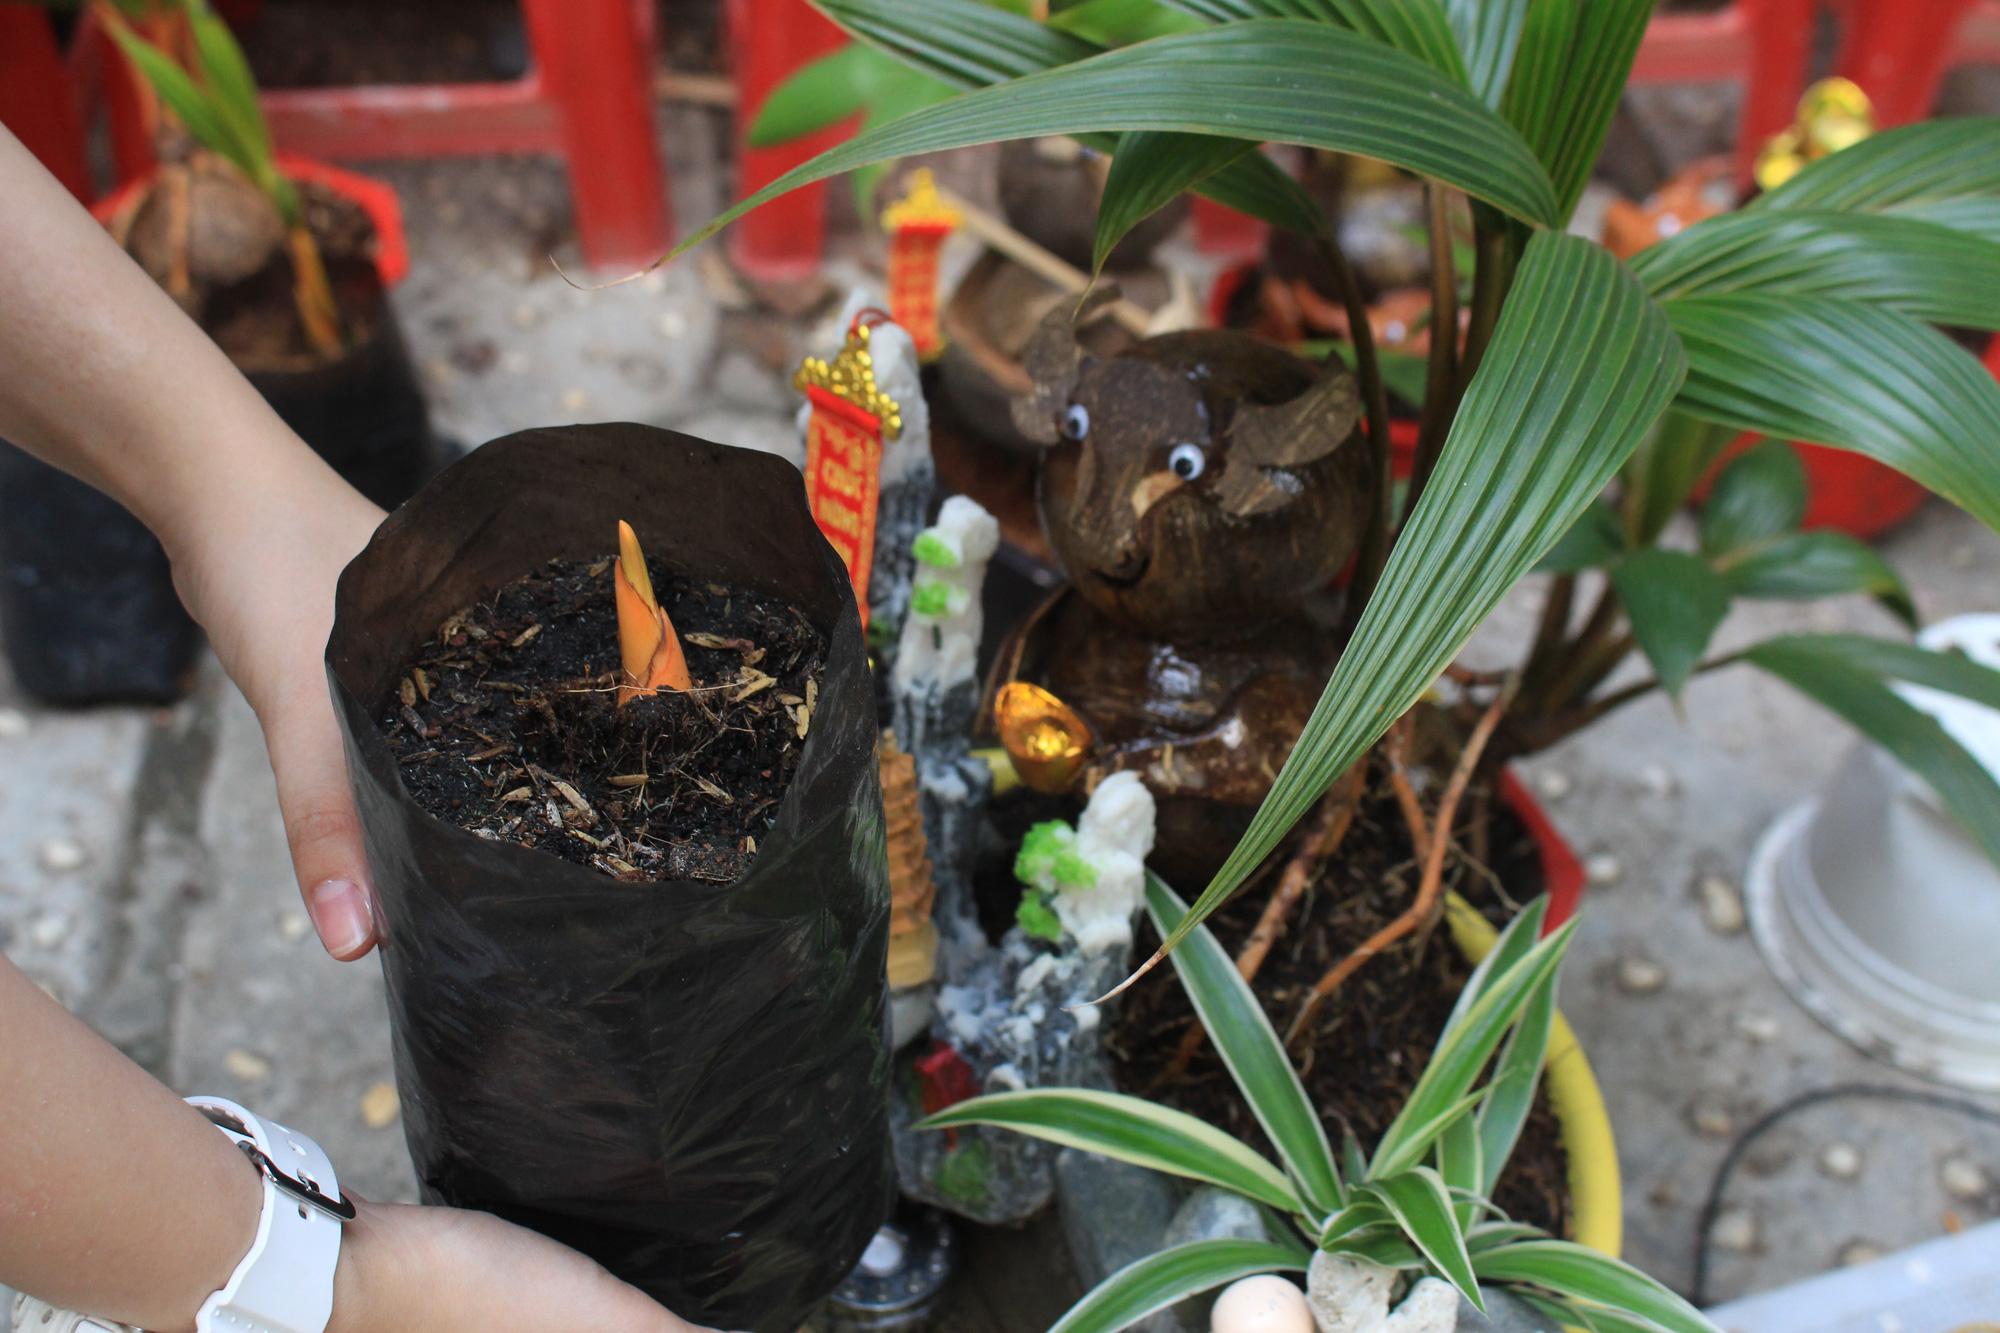 Độc đáo dừa khô bonsai hình trâu chơi Tết tiền triệu ở Sài Gòn - Ảnh 6.